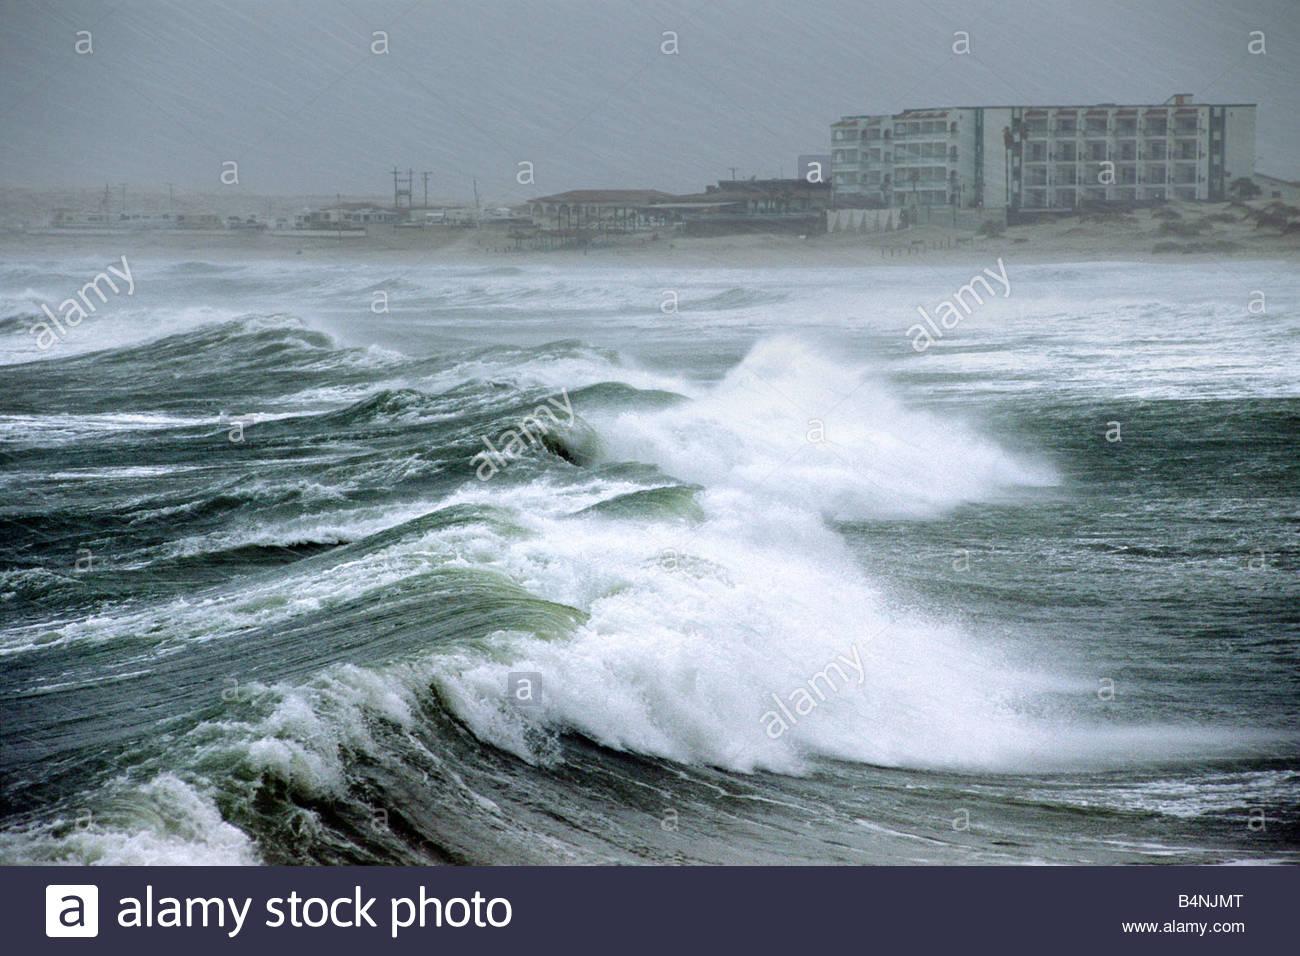 Wellen am Strand zum Absturz, wie Hurrikan Nora nähert sich der Küste von Rocky Point Mexiko mit vorderen Stockbild